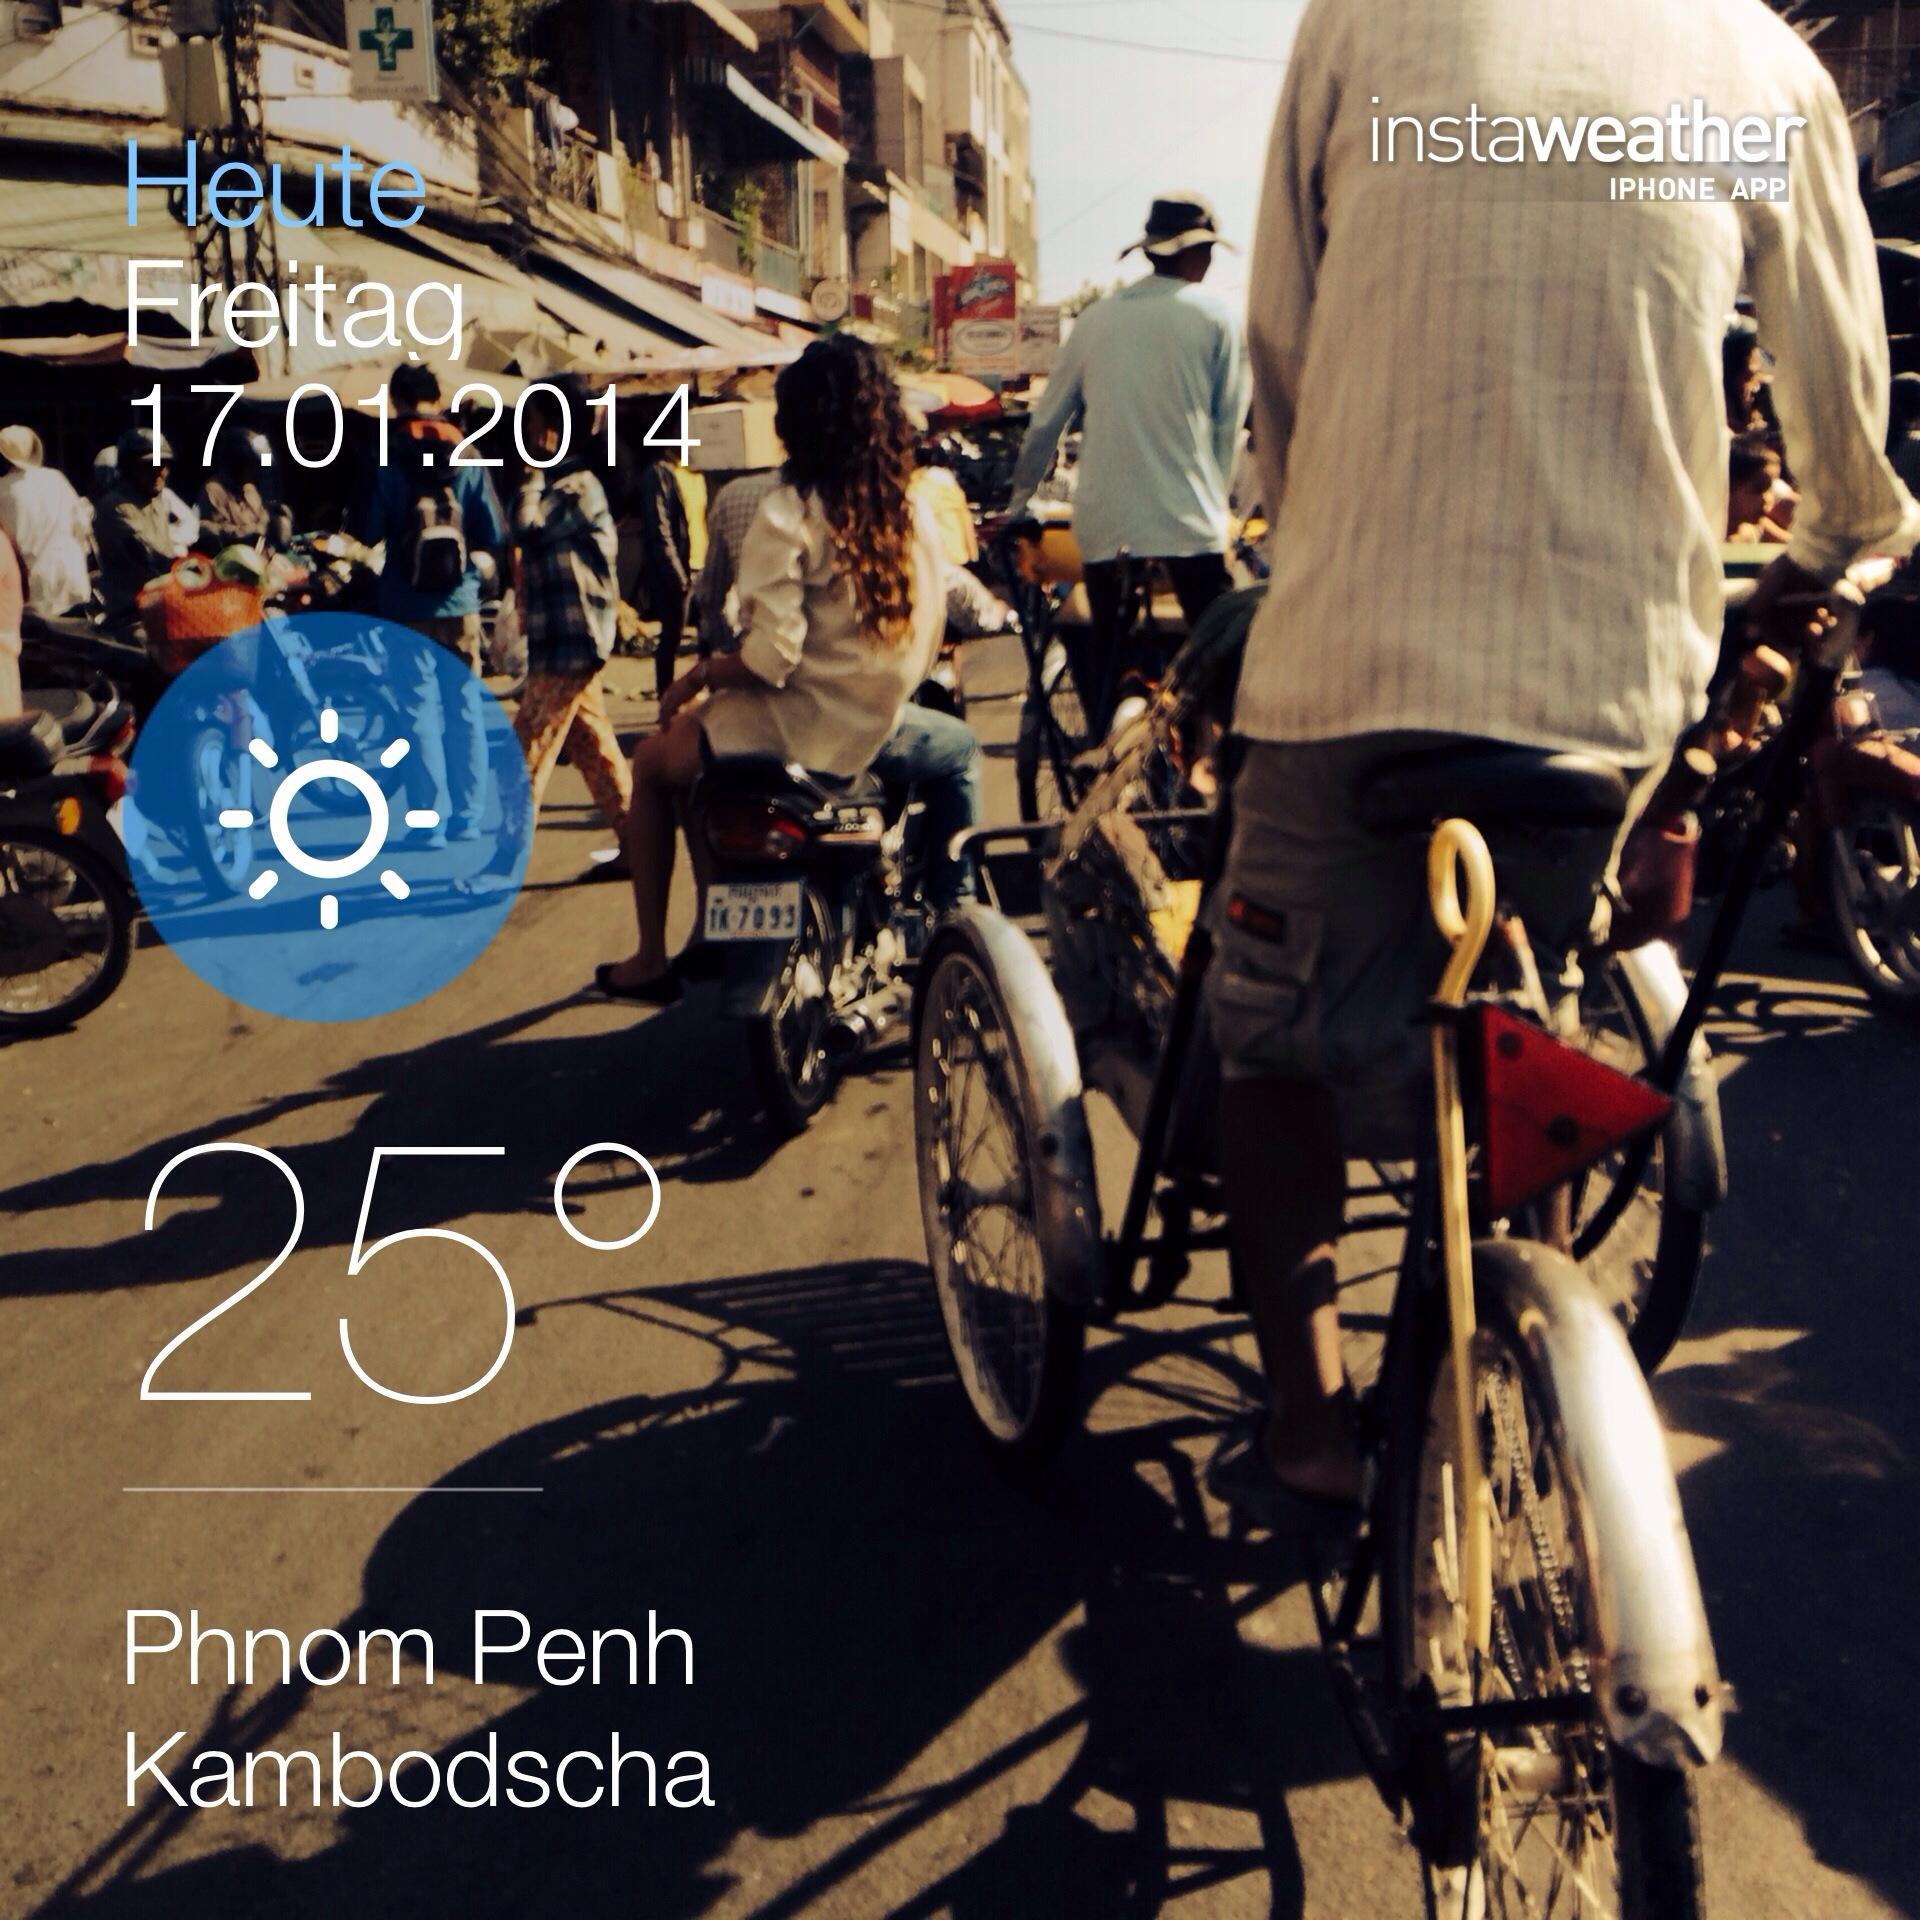 Auf dem Bild sind Cylofahrer zu sehen. Diese gemächliche Art der Fortbewegung gibt es nur hier in Phnom Penh.